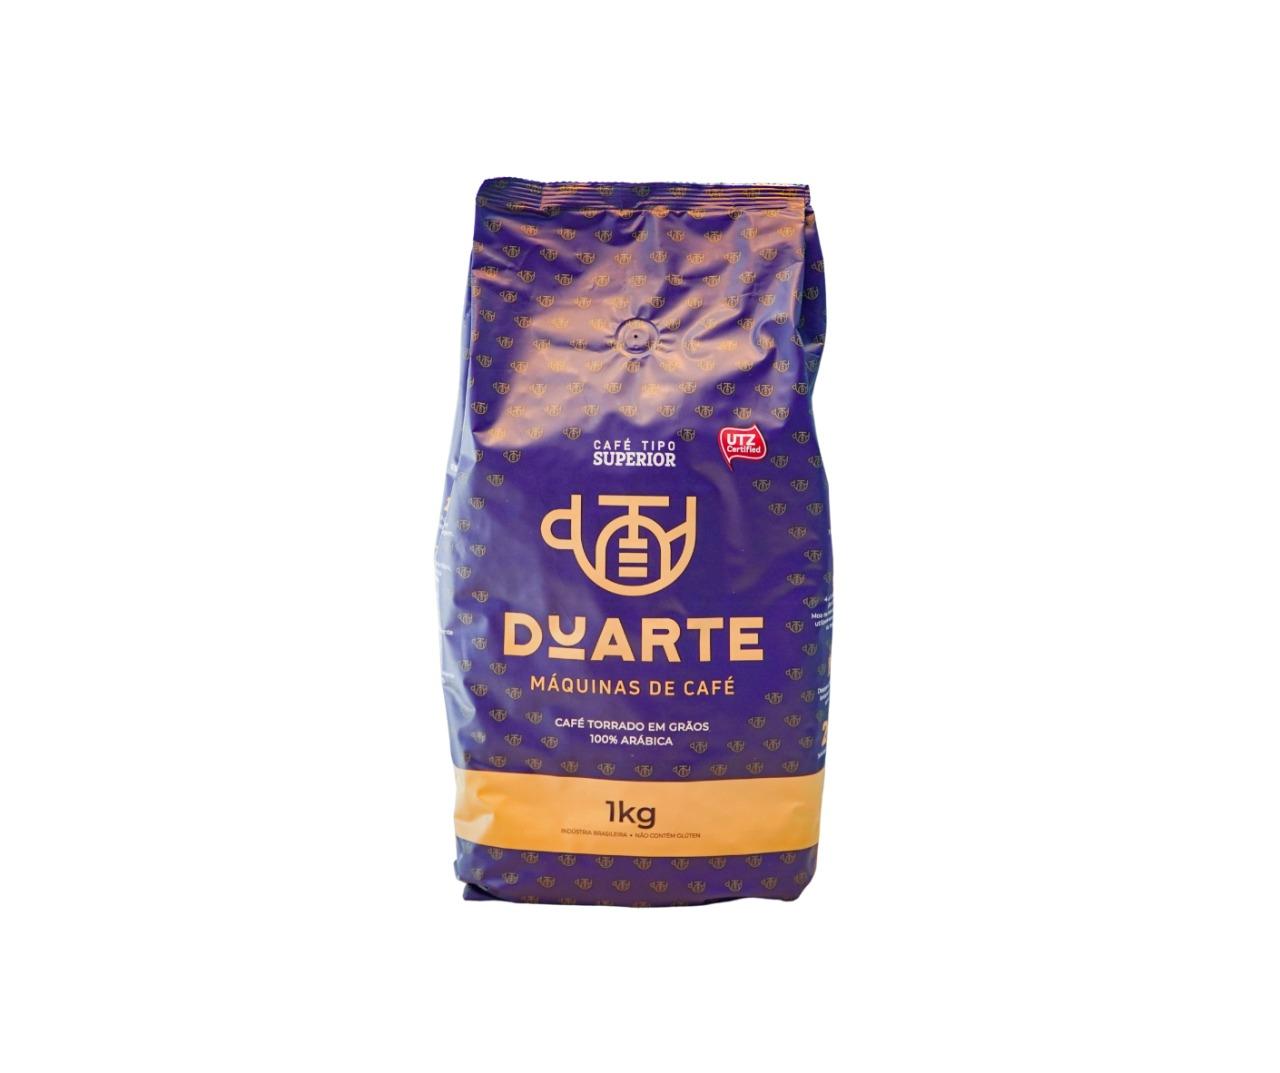 Cafe Duarte Superior 1kg